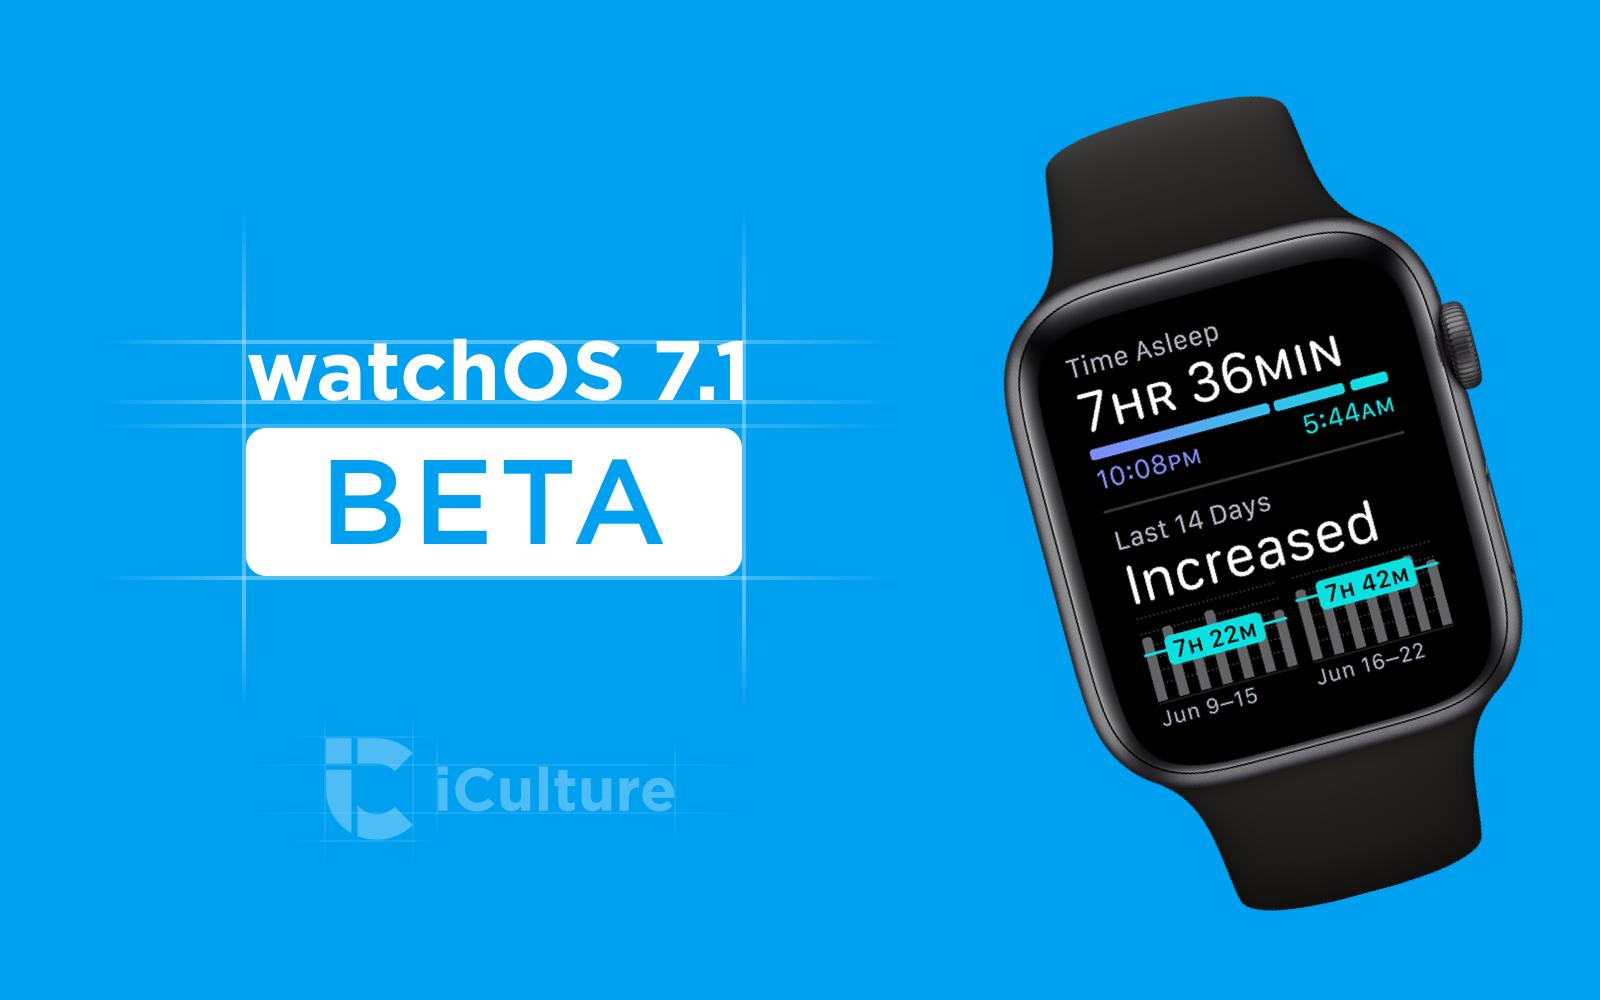 watchOS 7.1 beta